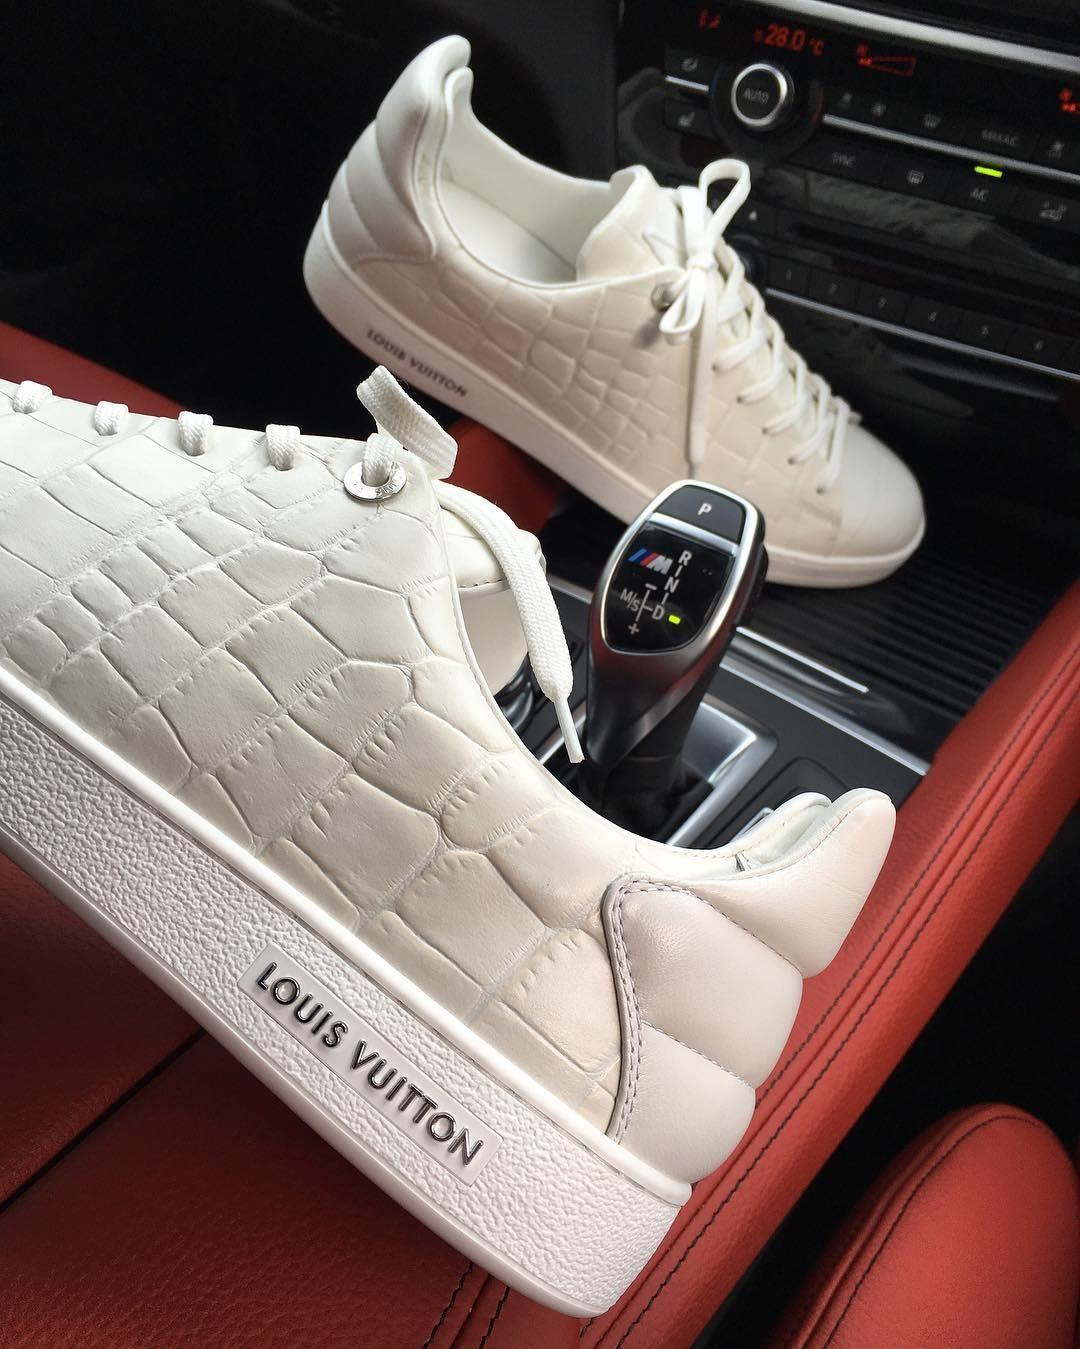 6c3d6aa41 louis vuitton low croc sneakers last pair size: 9UK 550 email:  ontarioactiveschooltravel.ca